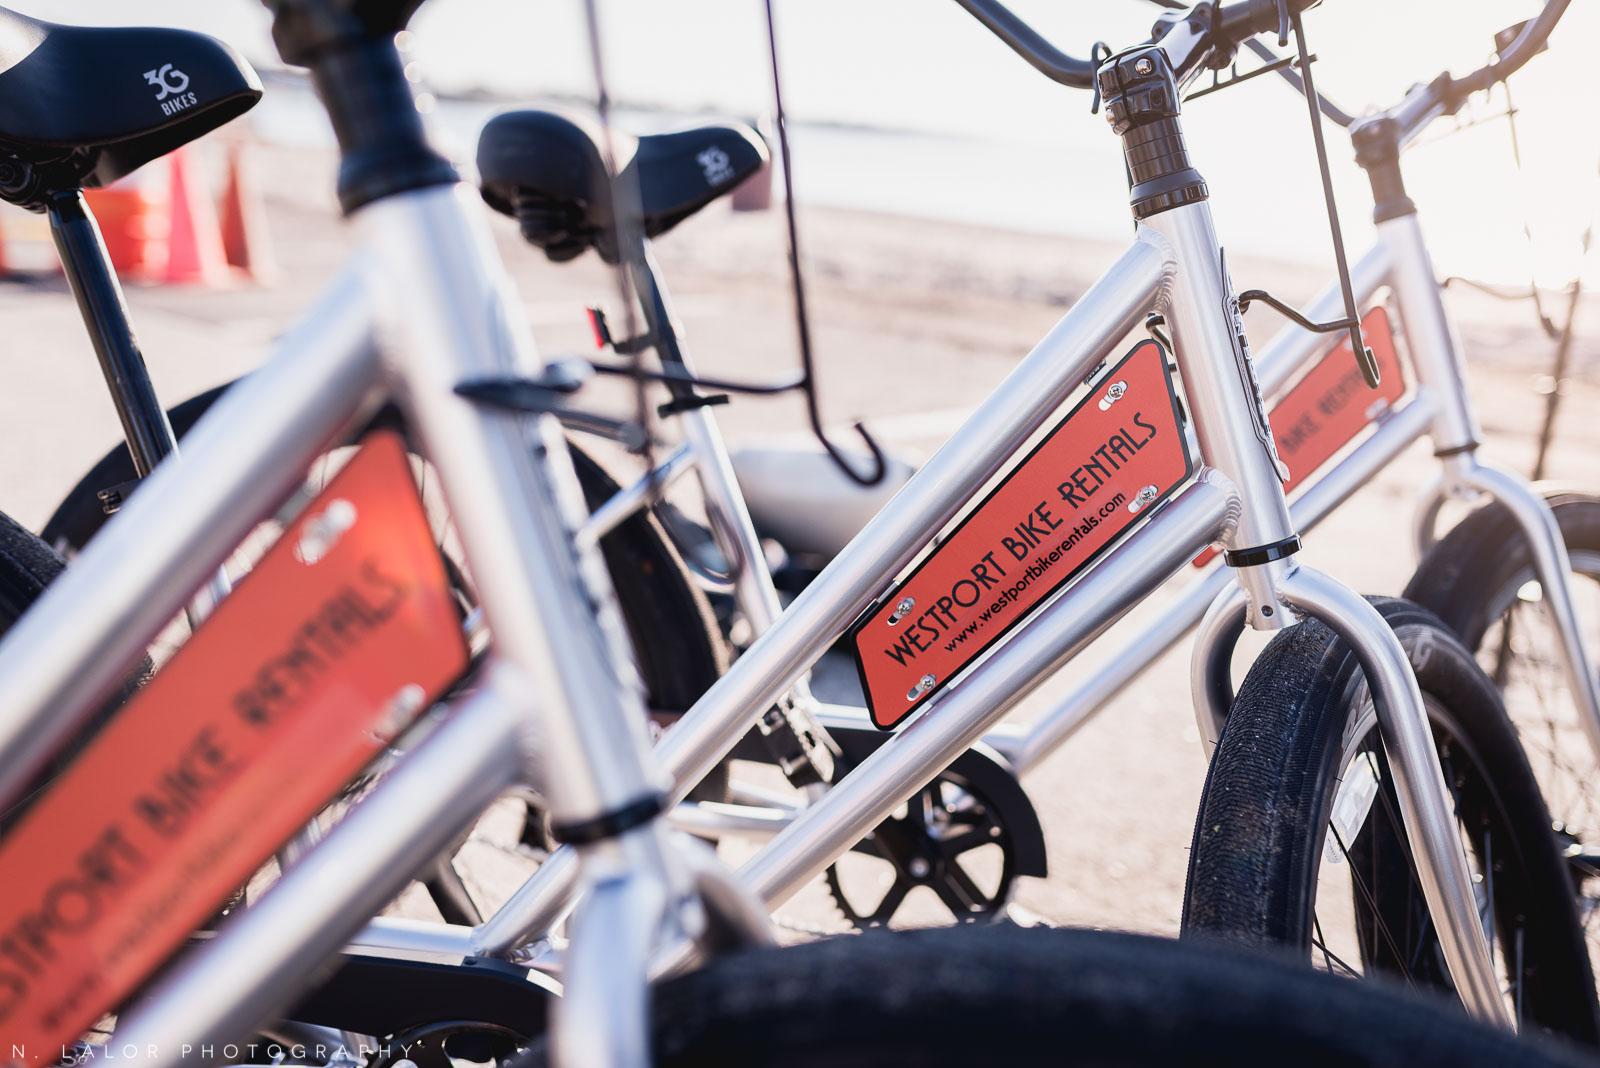 nlalor-photography-2016-04-24-westport-bike-rentals-37.jpg